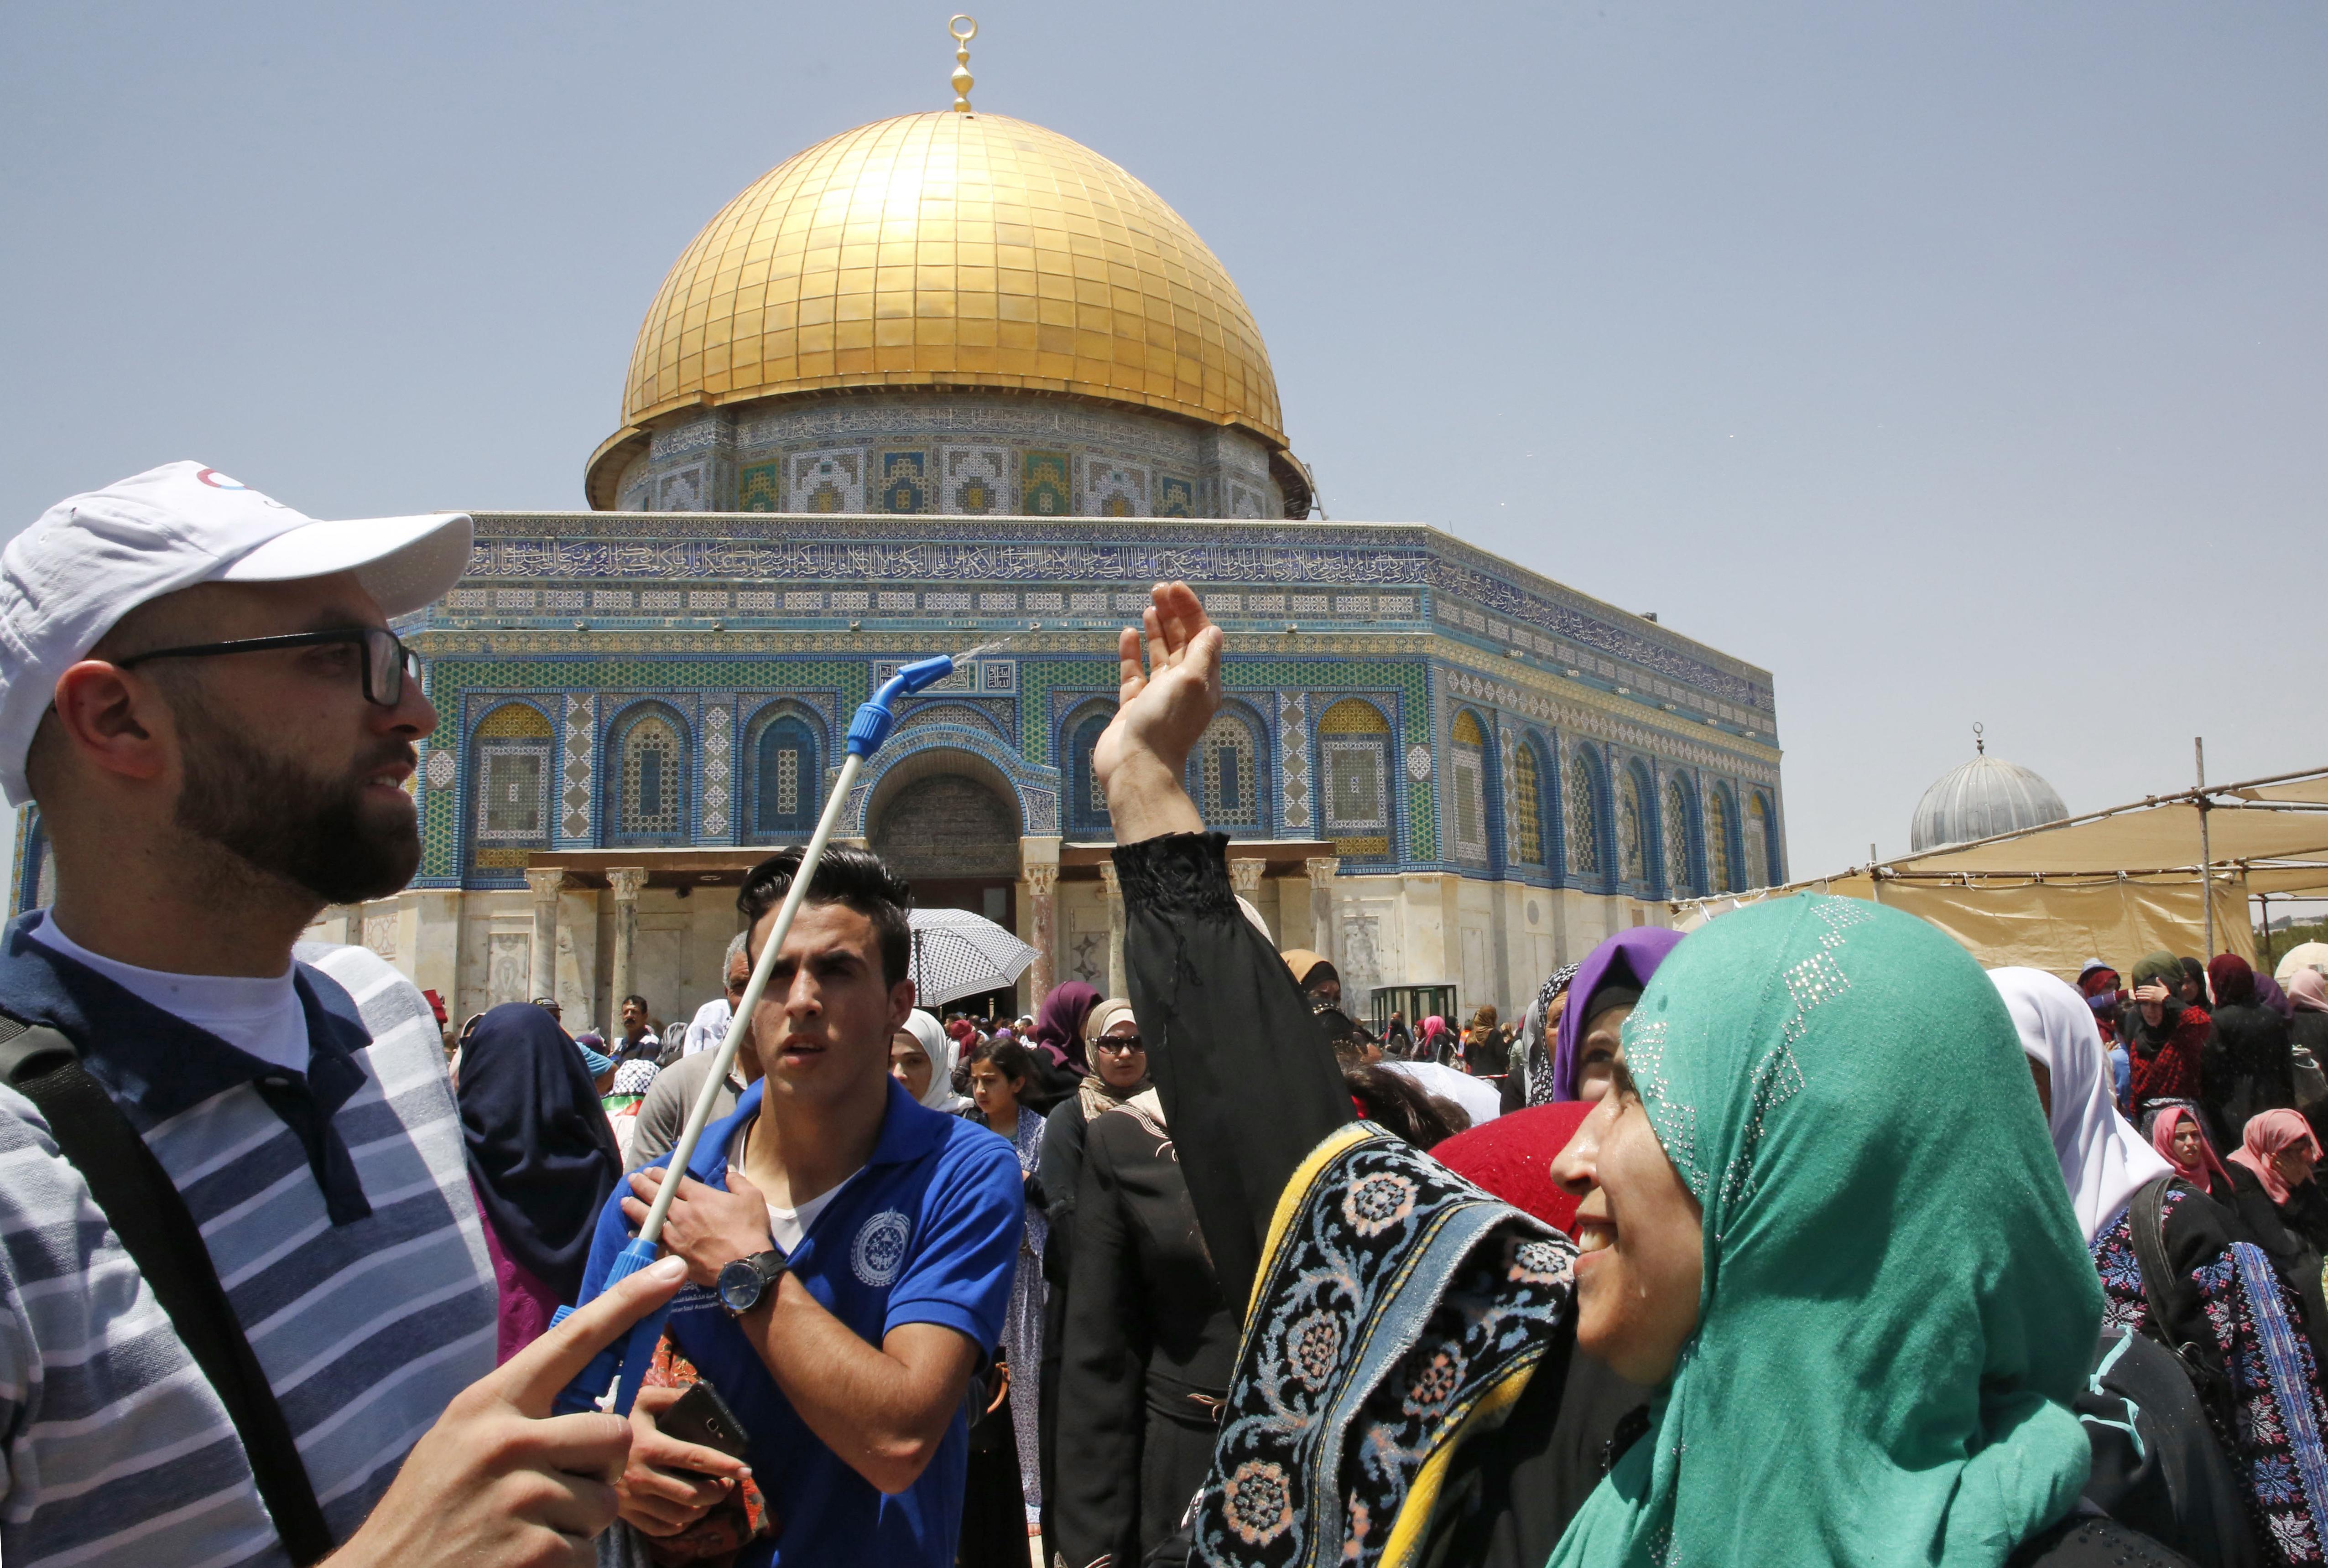 ترطيب حرارة الجو برش الماء البارد في الهواء-القدس